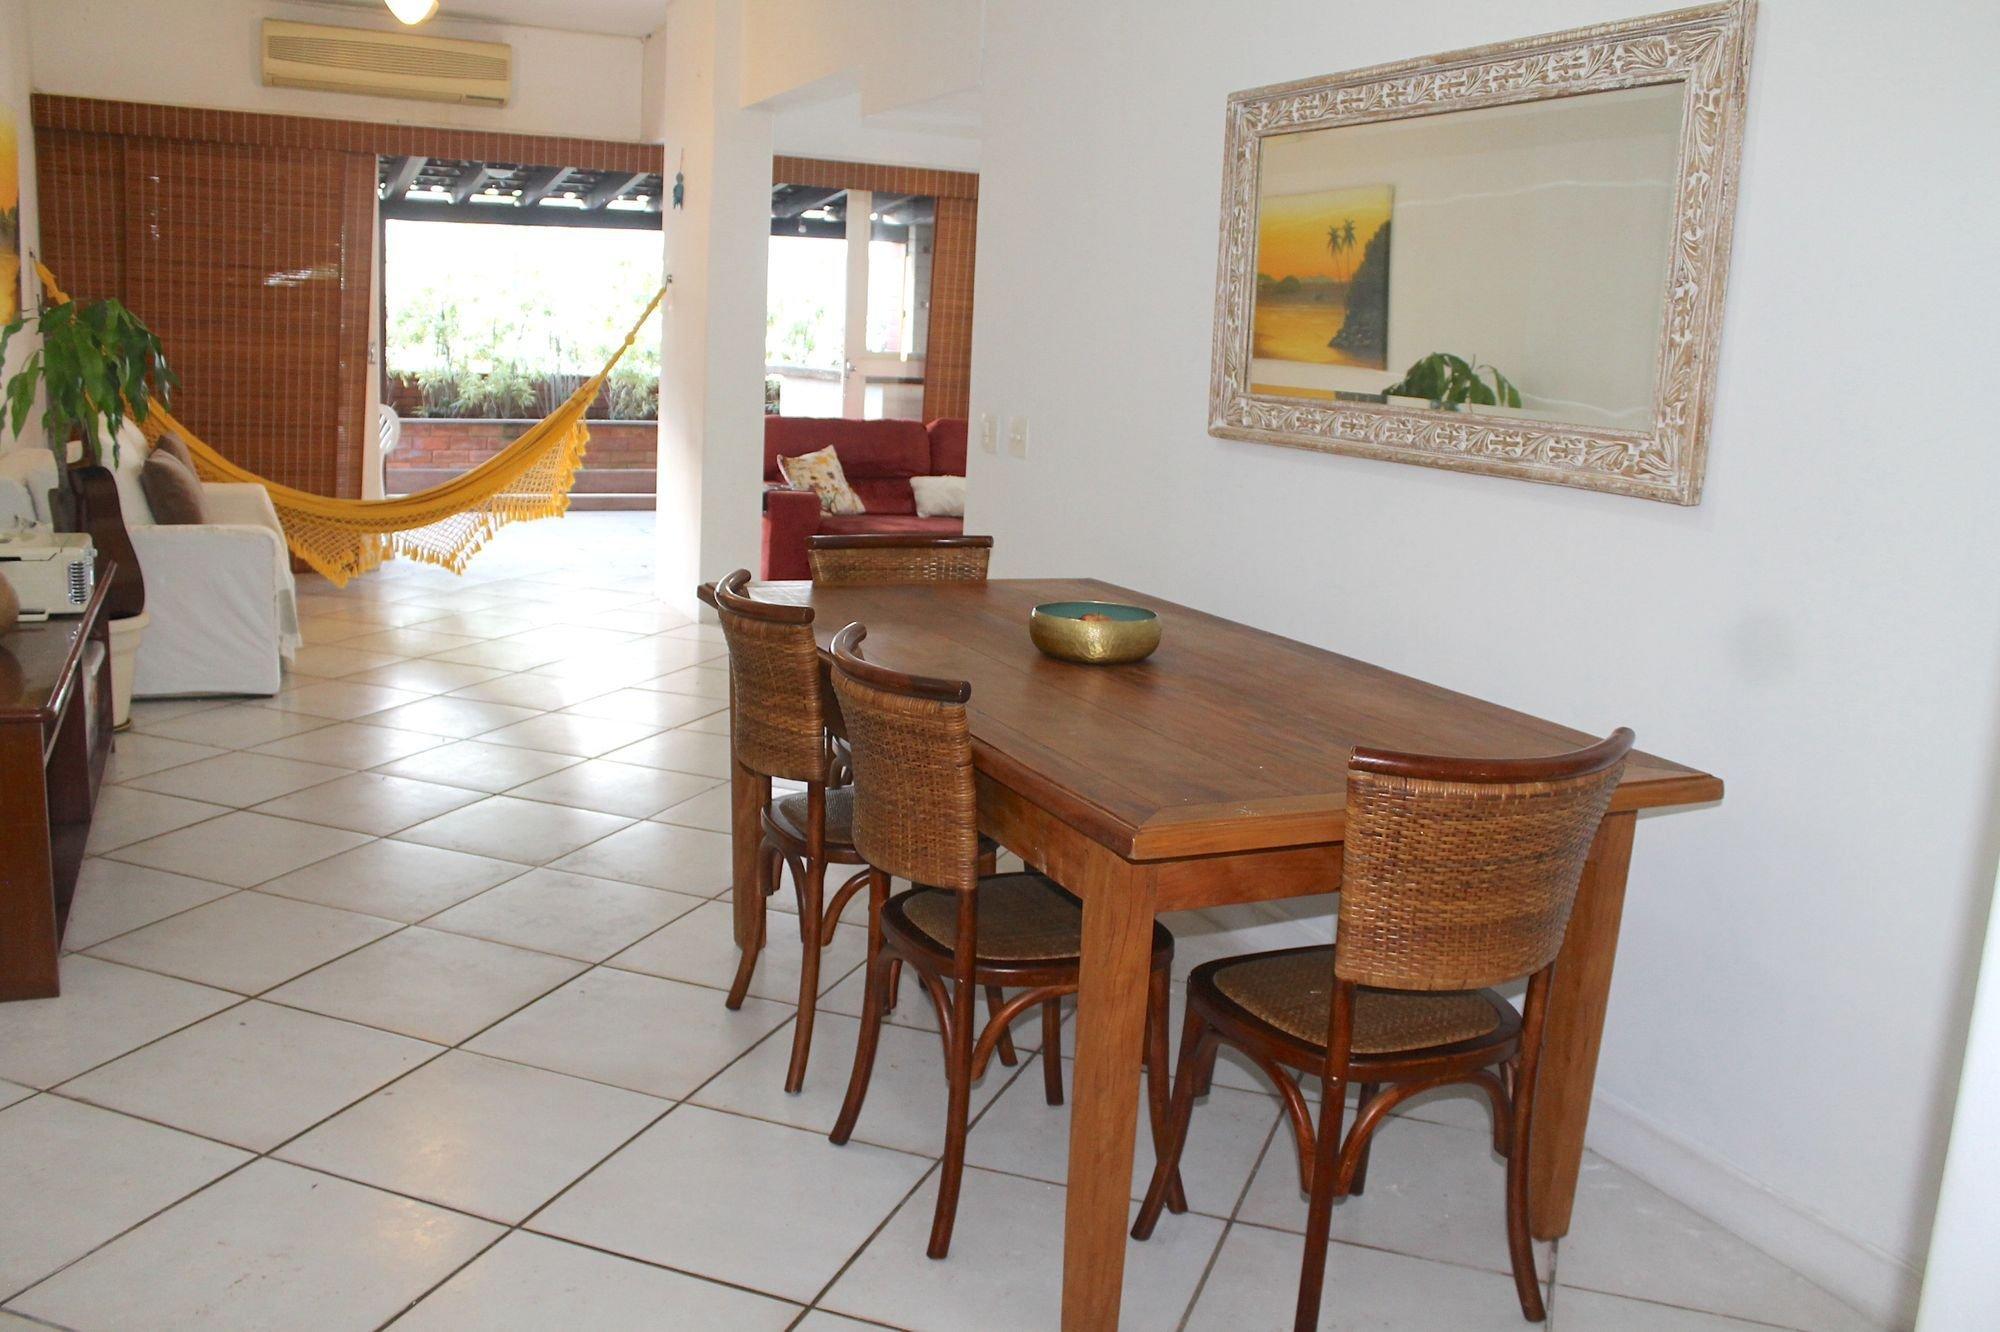 Foto de Sala com vaso de planta, tigela, cadeira, mesa de jantar